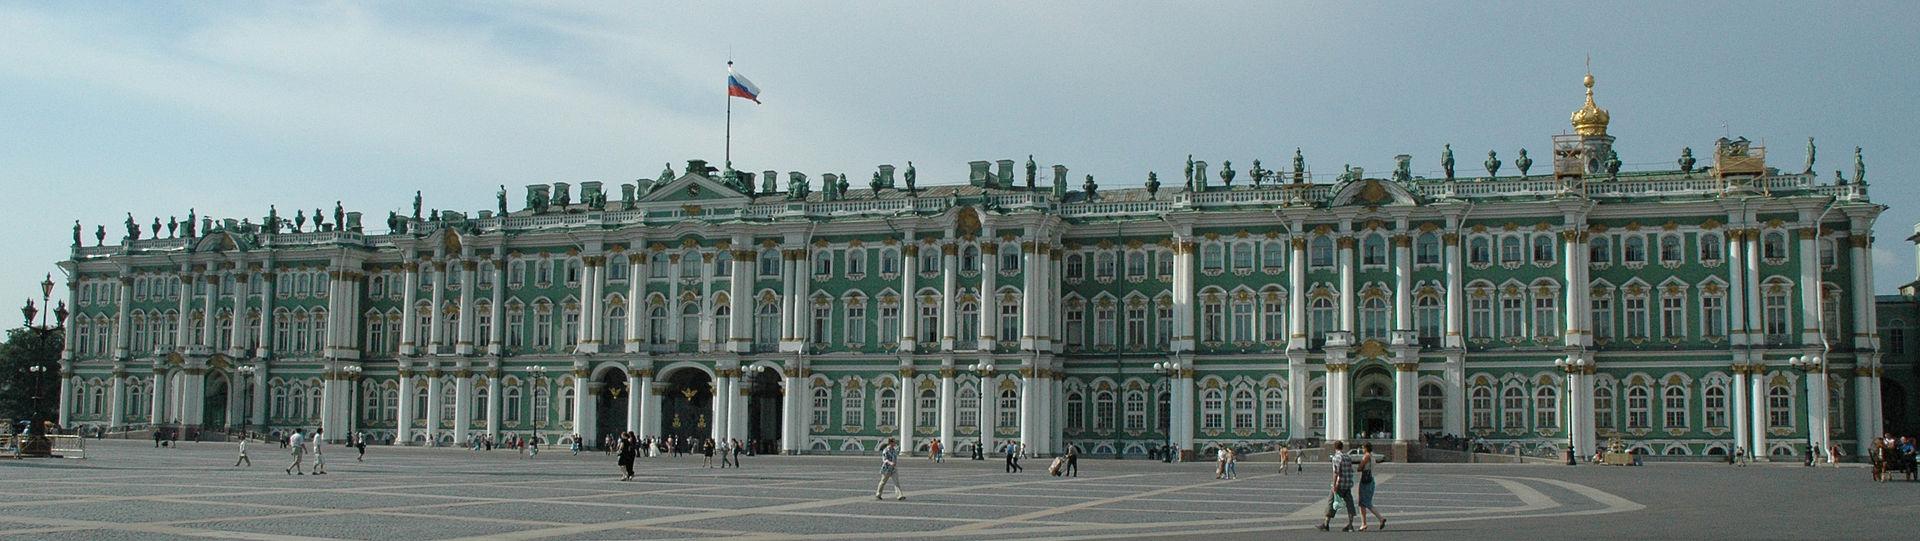 圣彼得堡冬宫博物馆